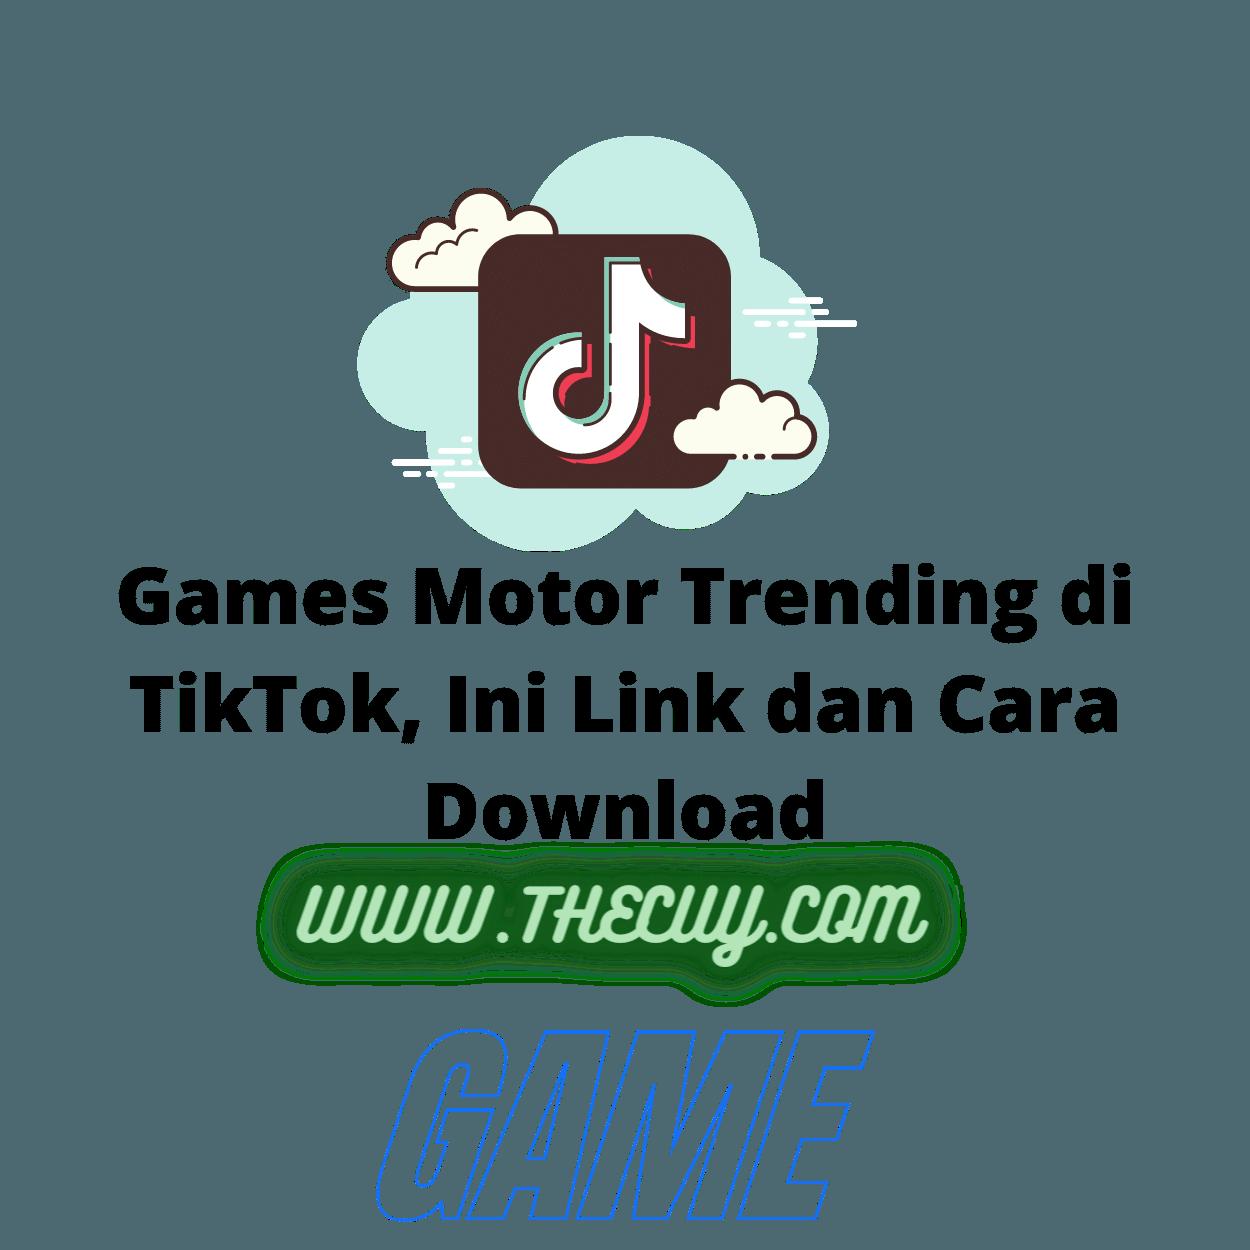 Games Motor Trending di TikTok, Ini Link dan Cara Download